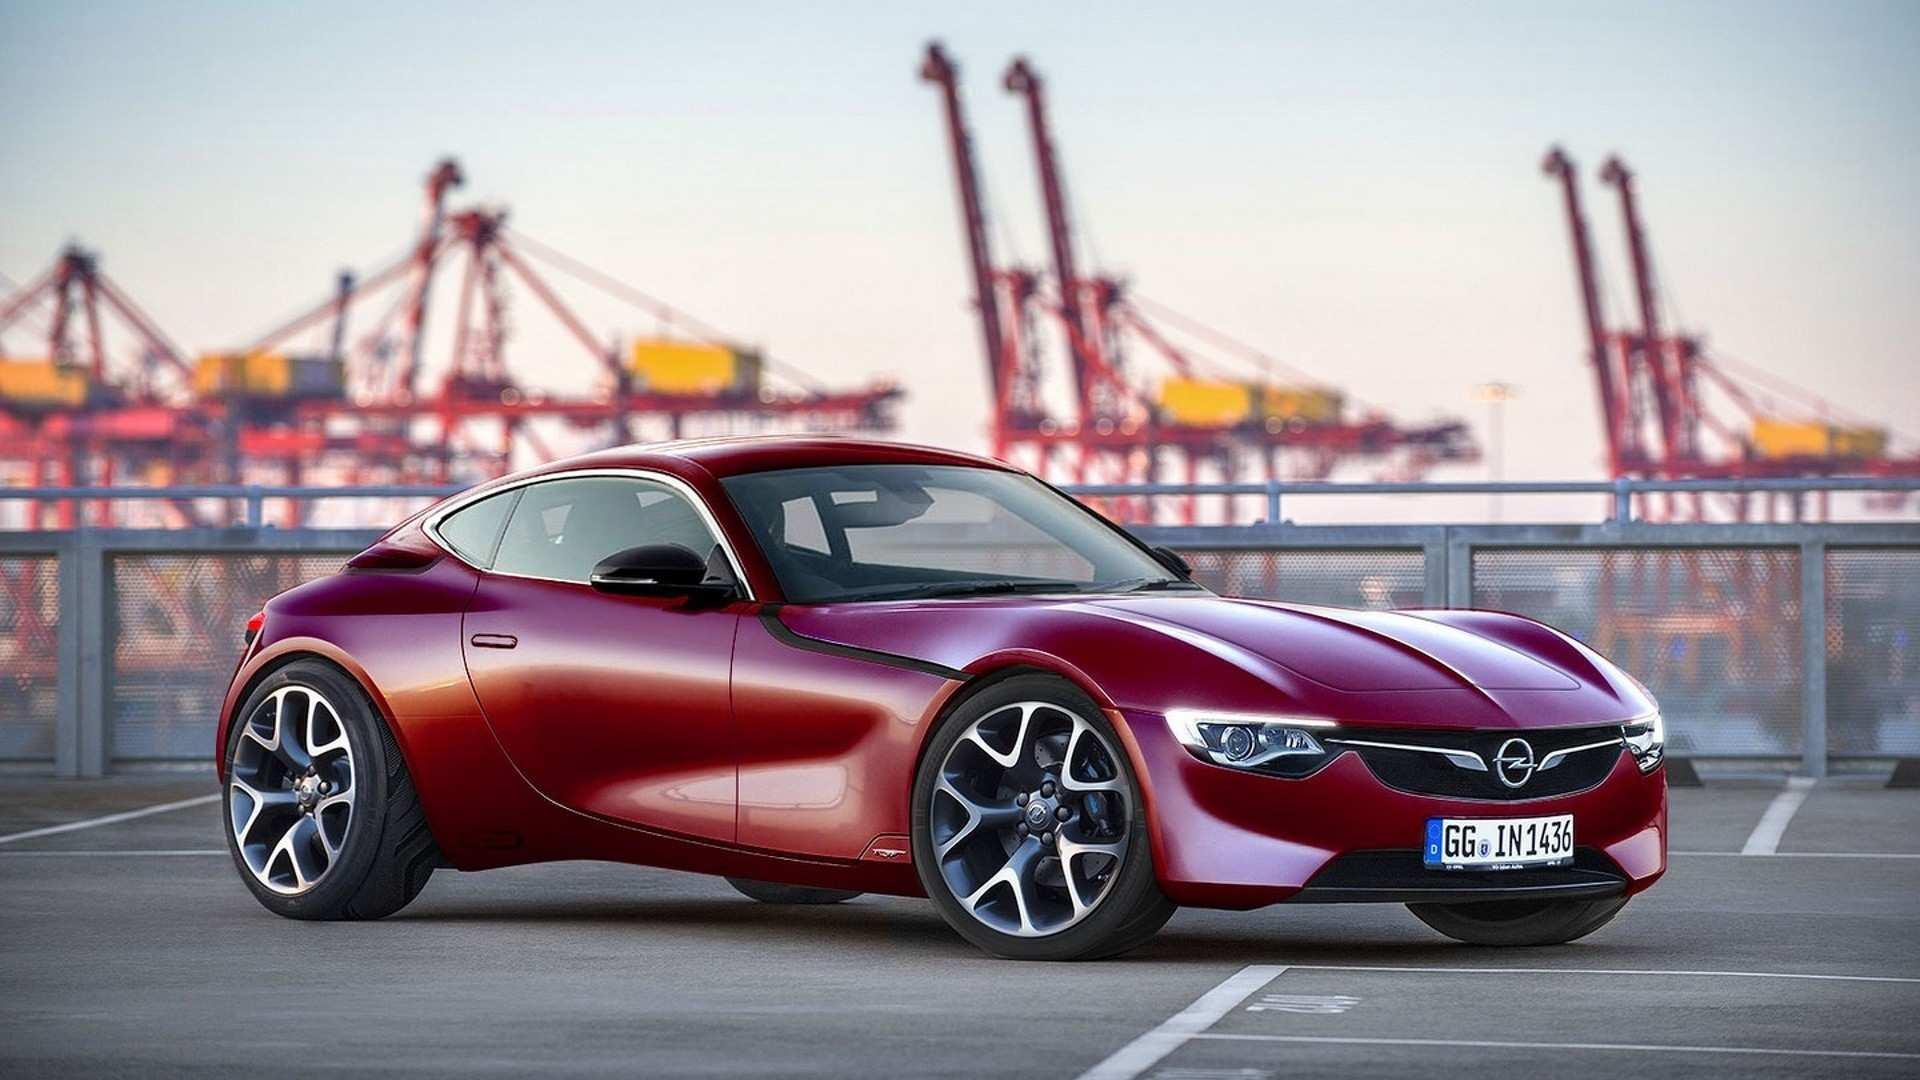 49 Best Review 2020 Opel Gt Model by 2020 Opel Gt